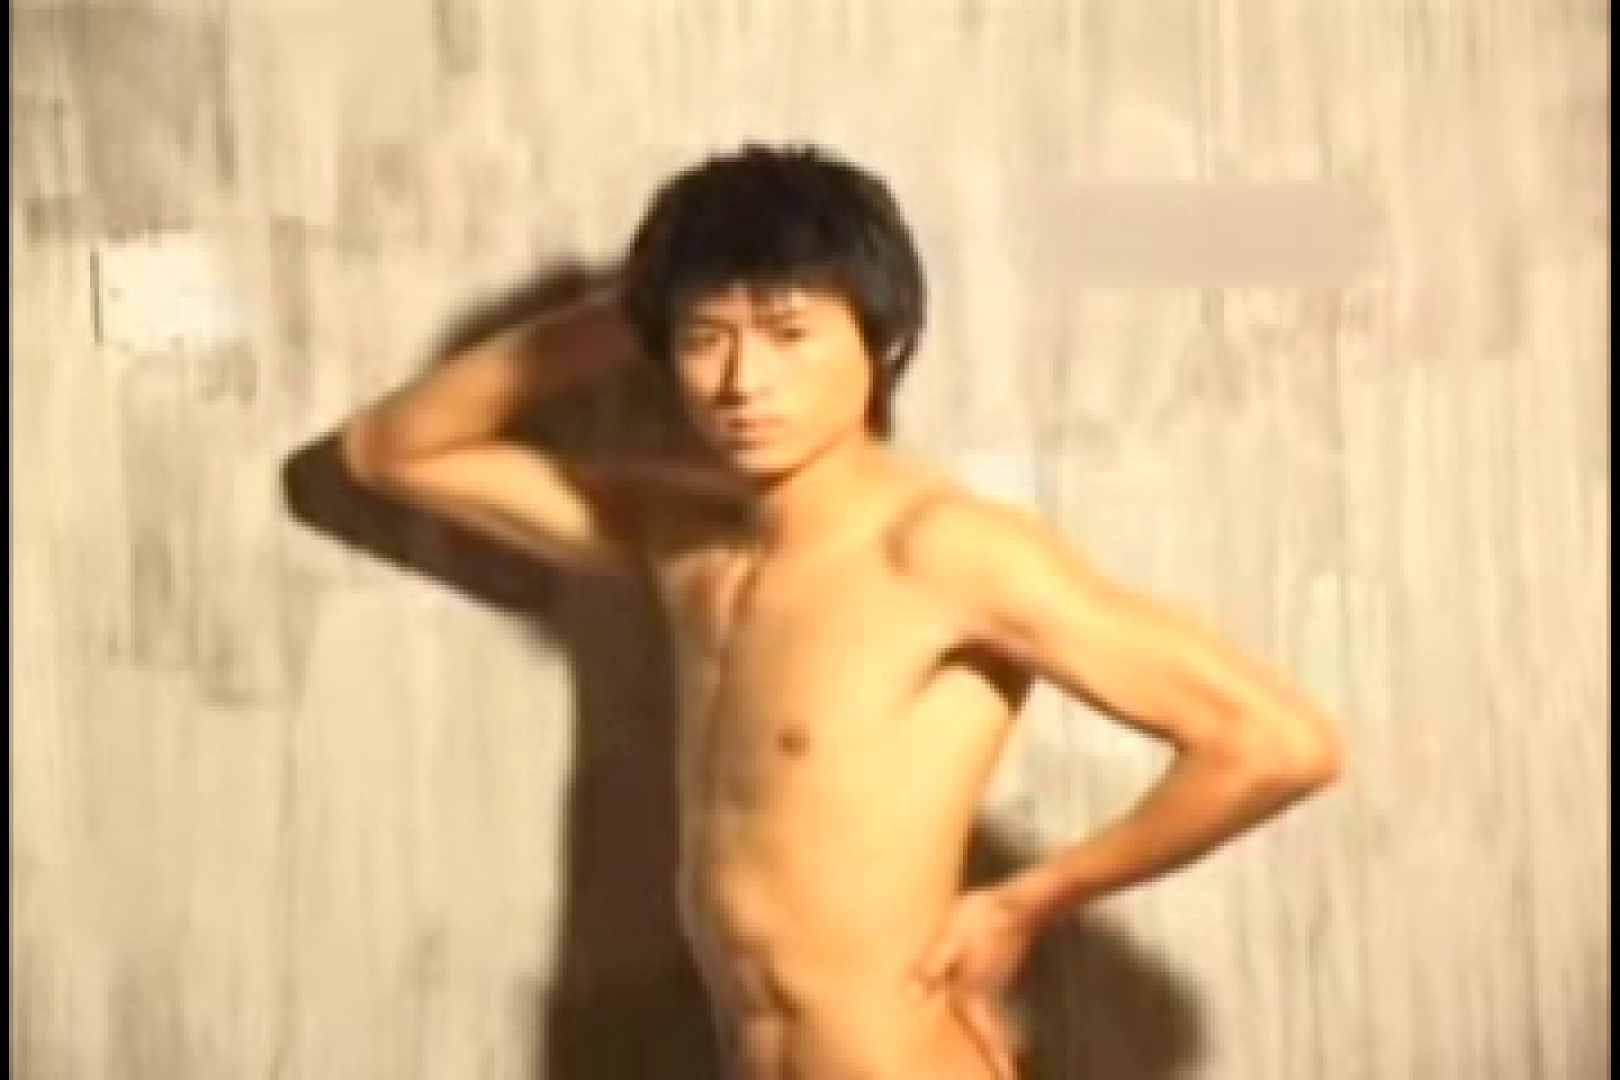 流出!!中出スーパーモデルya● jin hao 男のゲイ天国 ゲイエロ動画 8枚 2